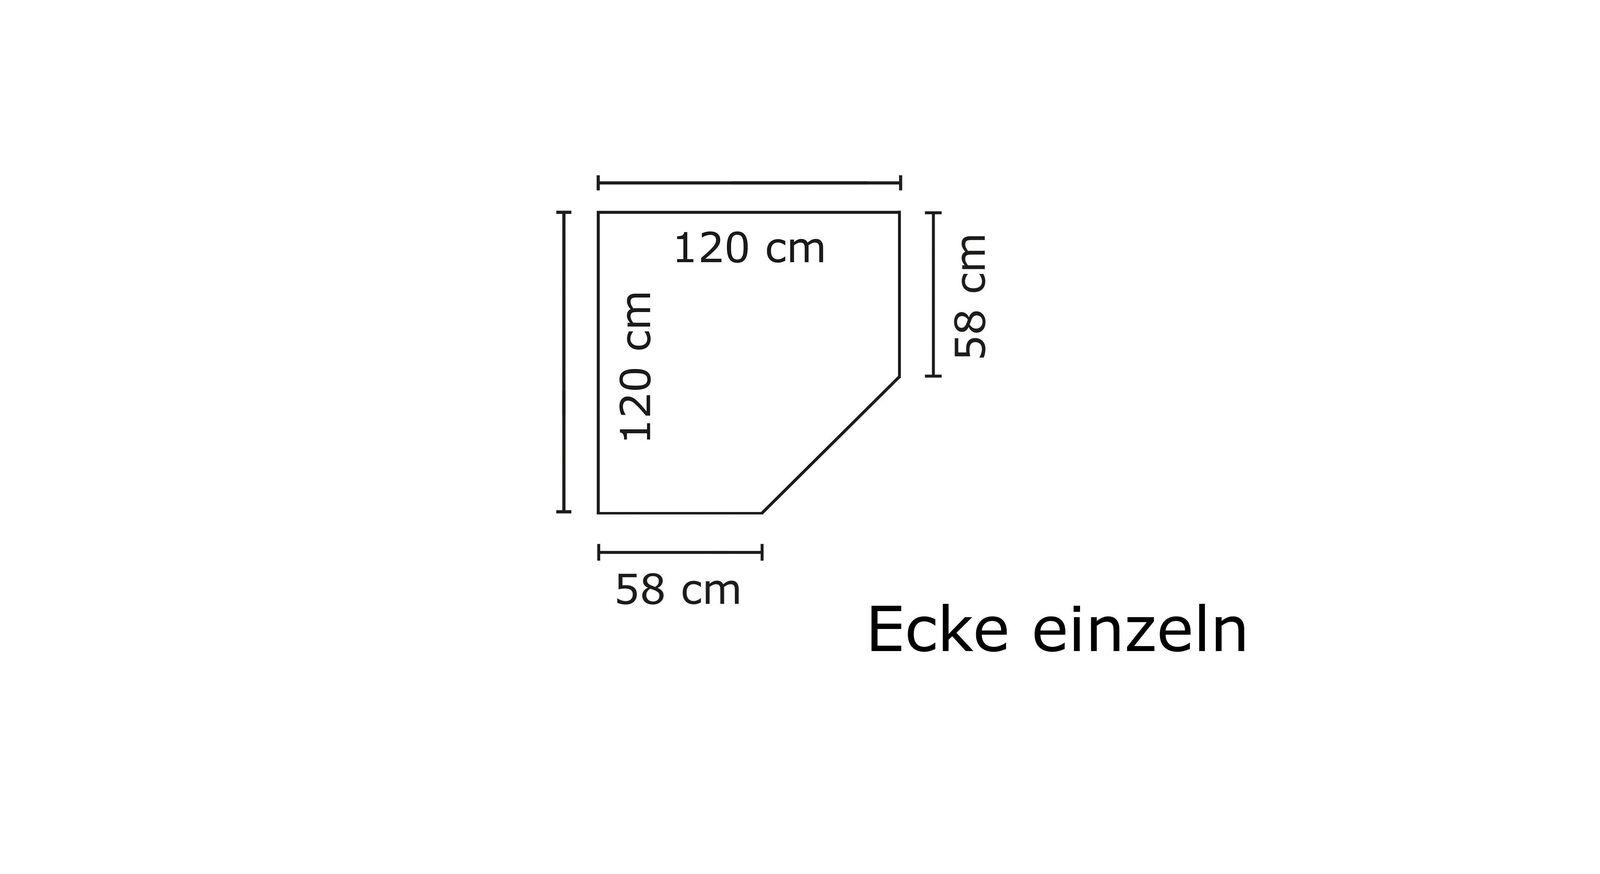 Stellfläche des Eckelements vom Eck-Kleiderschrank Ceprano